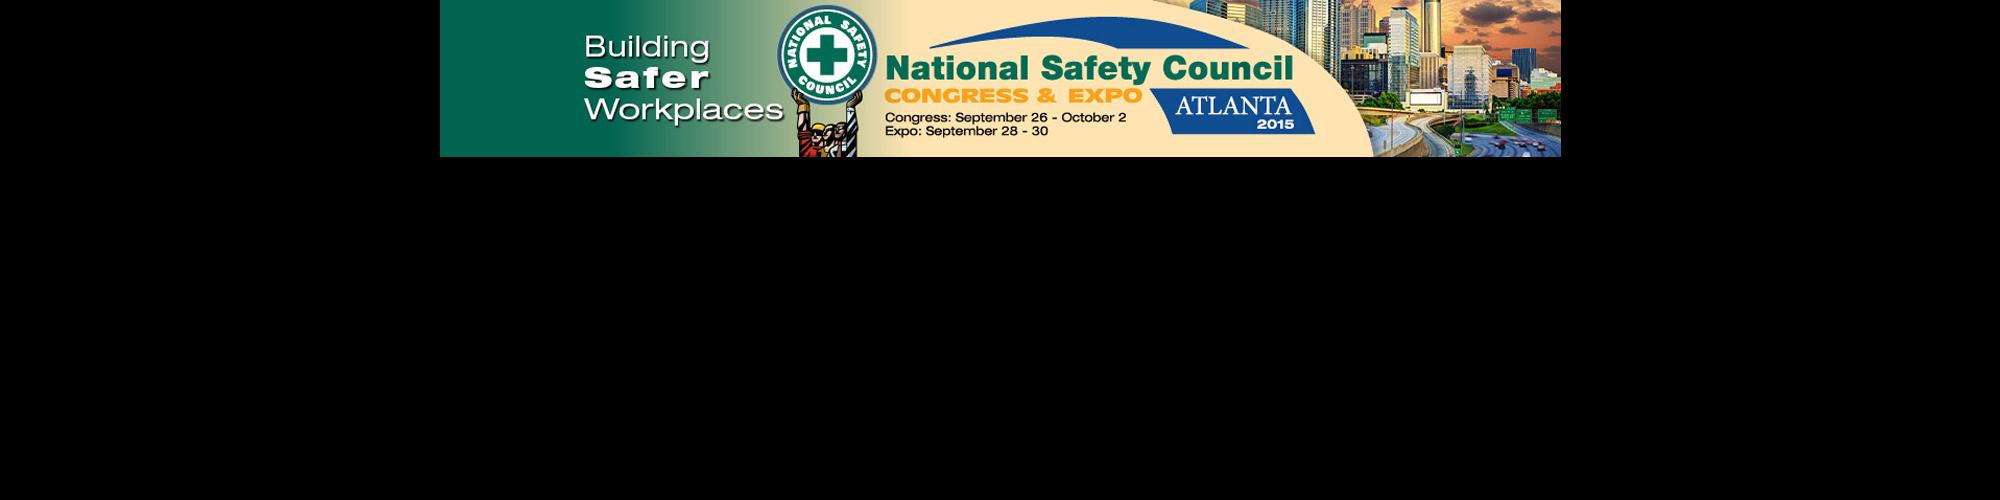 NSC-Congress-ExpoSlide